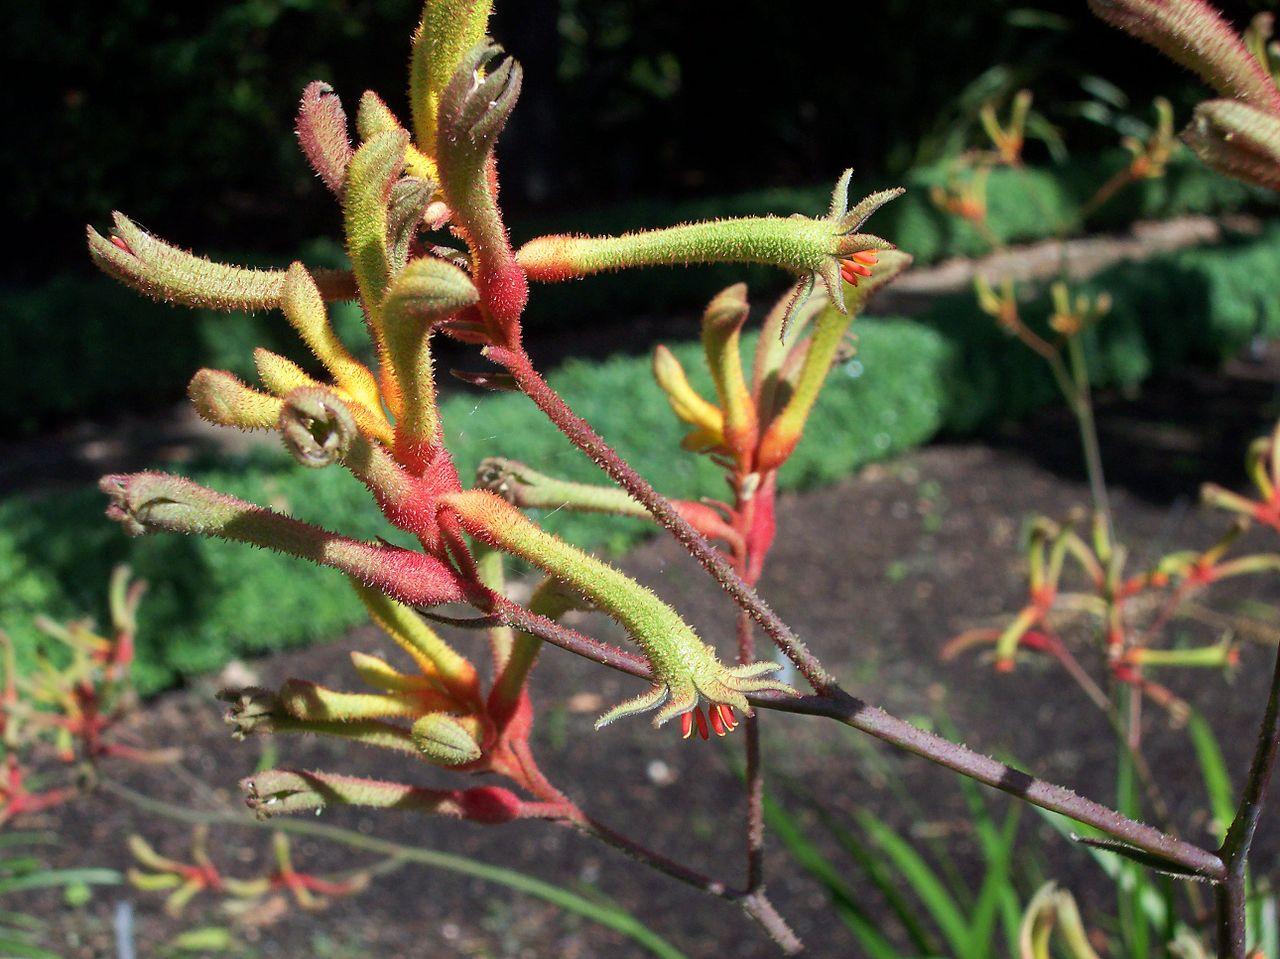 La pata de canguro es una herbácea perenne ideal para terrazas